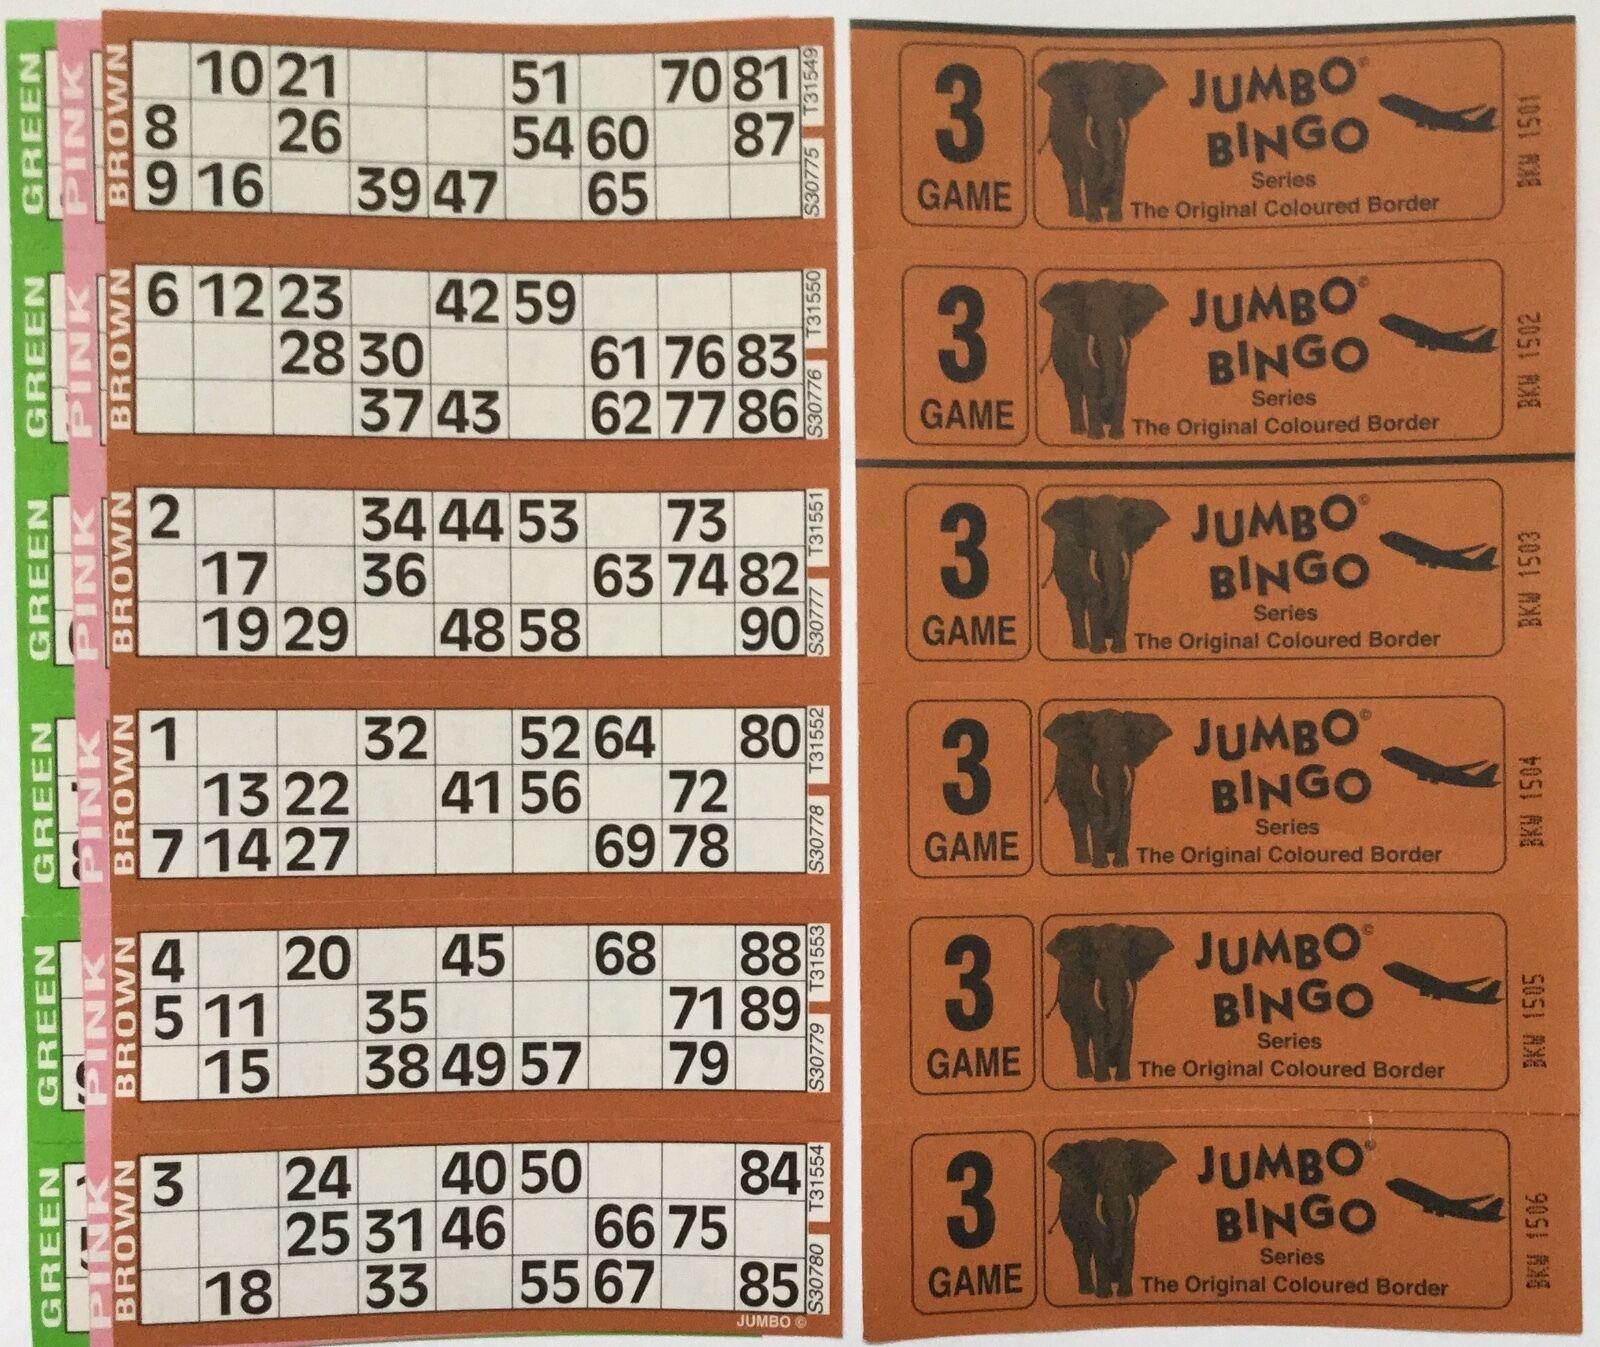 3000 juegos de 3 páginas páginas páginas Jumbo Bingo entradas 6 para ver Jumbo Bingo Books 5321c0